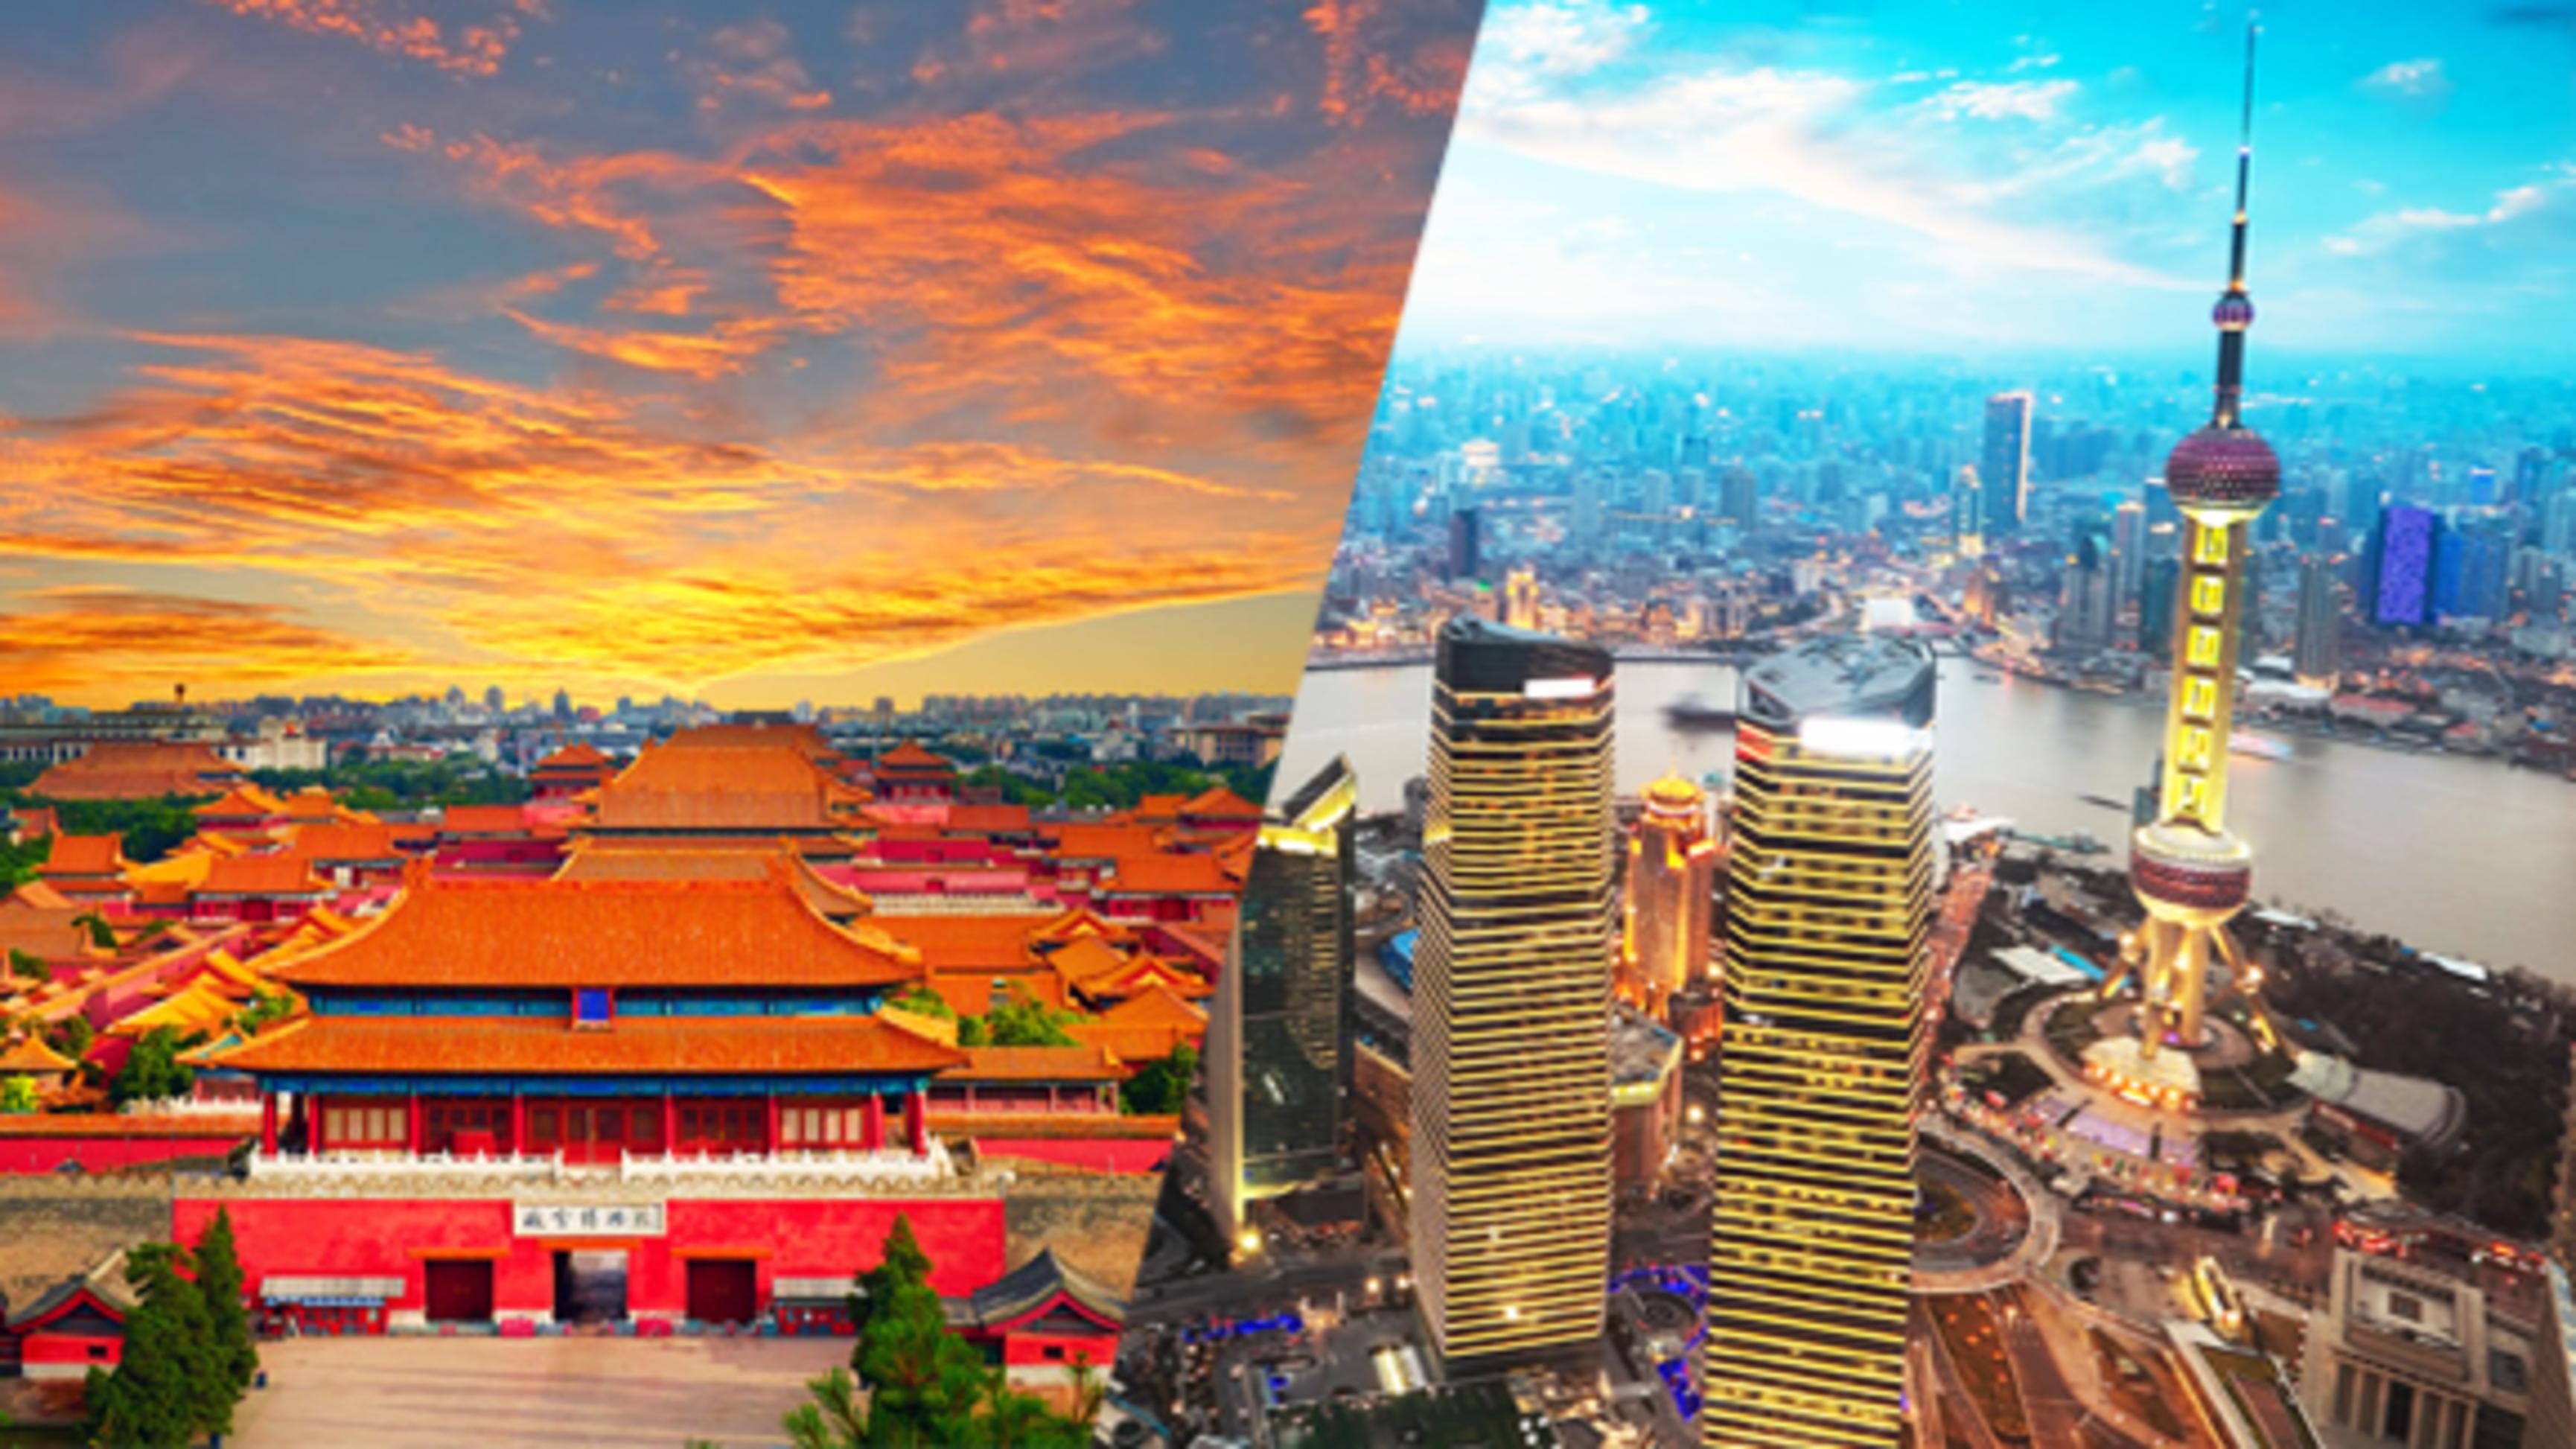 """สัมผัสกำแพงเมืองจีน ที่สุดของความยิ่งใหญ่ ไหว้พระขอพรวัดพระหยกขาว นั่งรถไฟความเร็วสูง พิเศษ!! ชมโชว์ """"กายกรรมปักกิ้ง"""""""